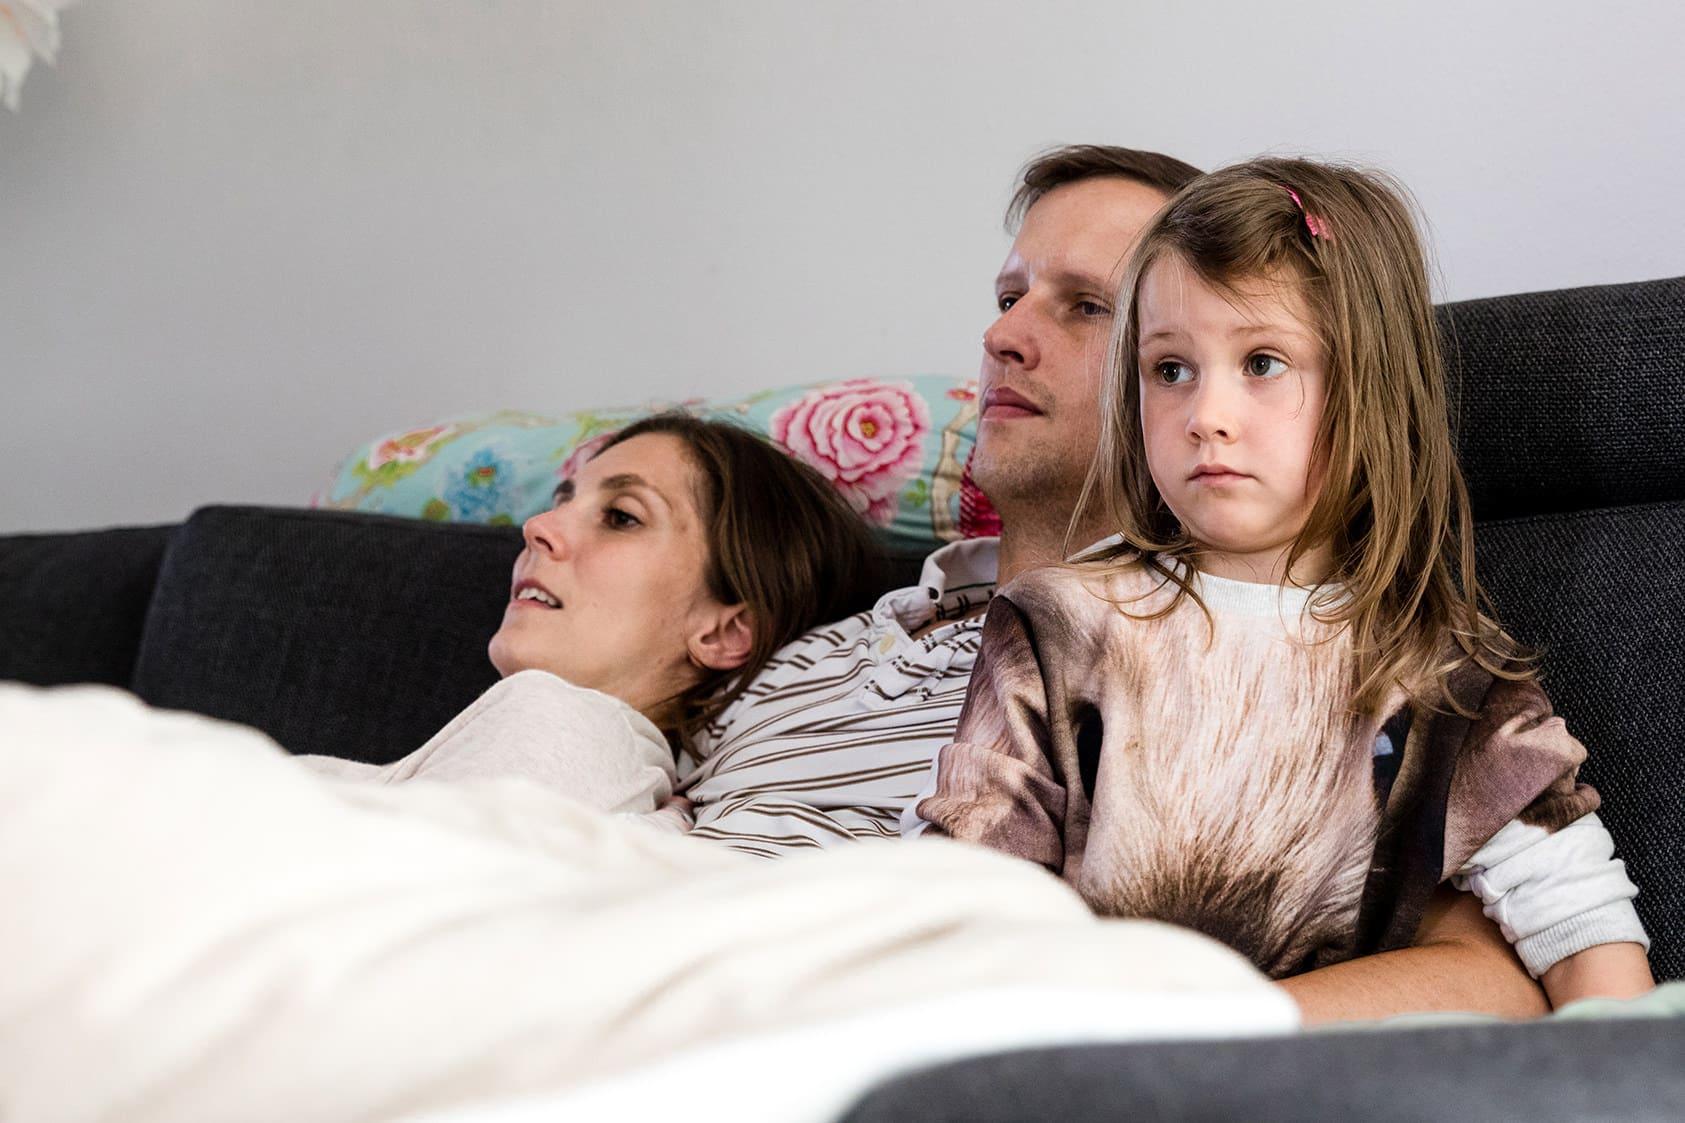 familienfotos-in-darmstadt-familienfotograf-darmstadt-familienfotografie-familienfotos-homestory-fotoreportage-katharina-zwerger-fotograf-darmstadt